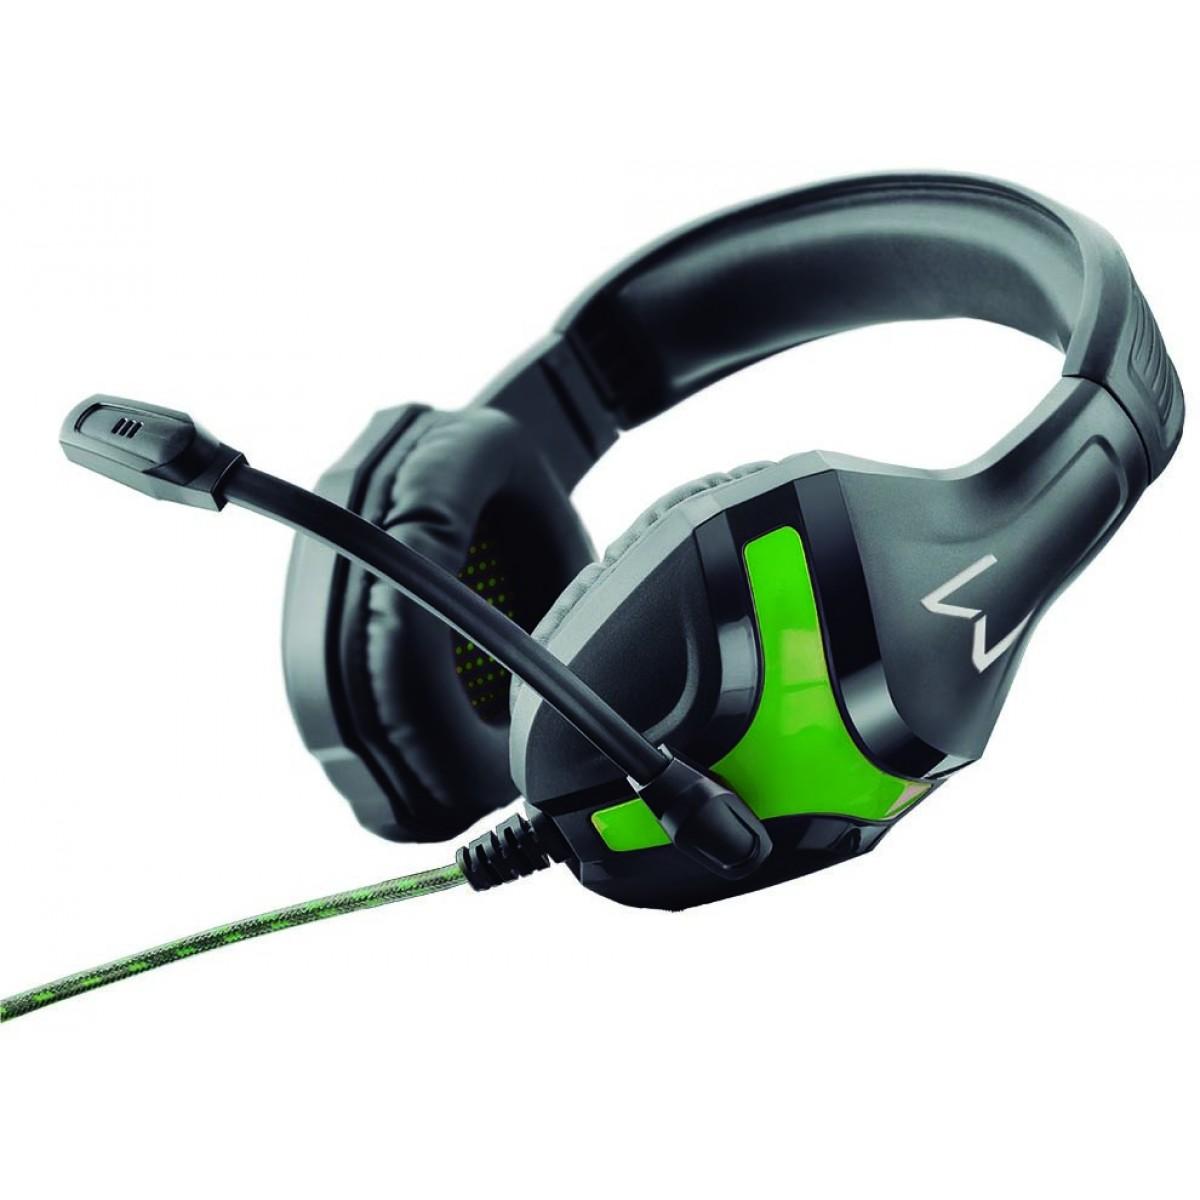 Headset Gamer Warrior Harve Stereo, Preto/Verde, PH298